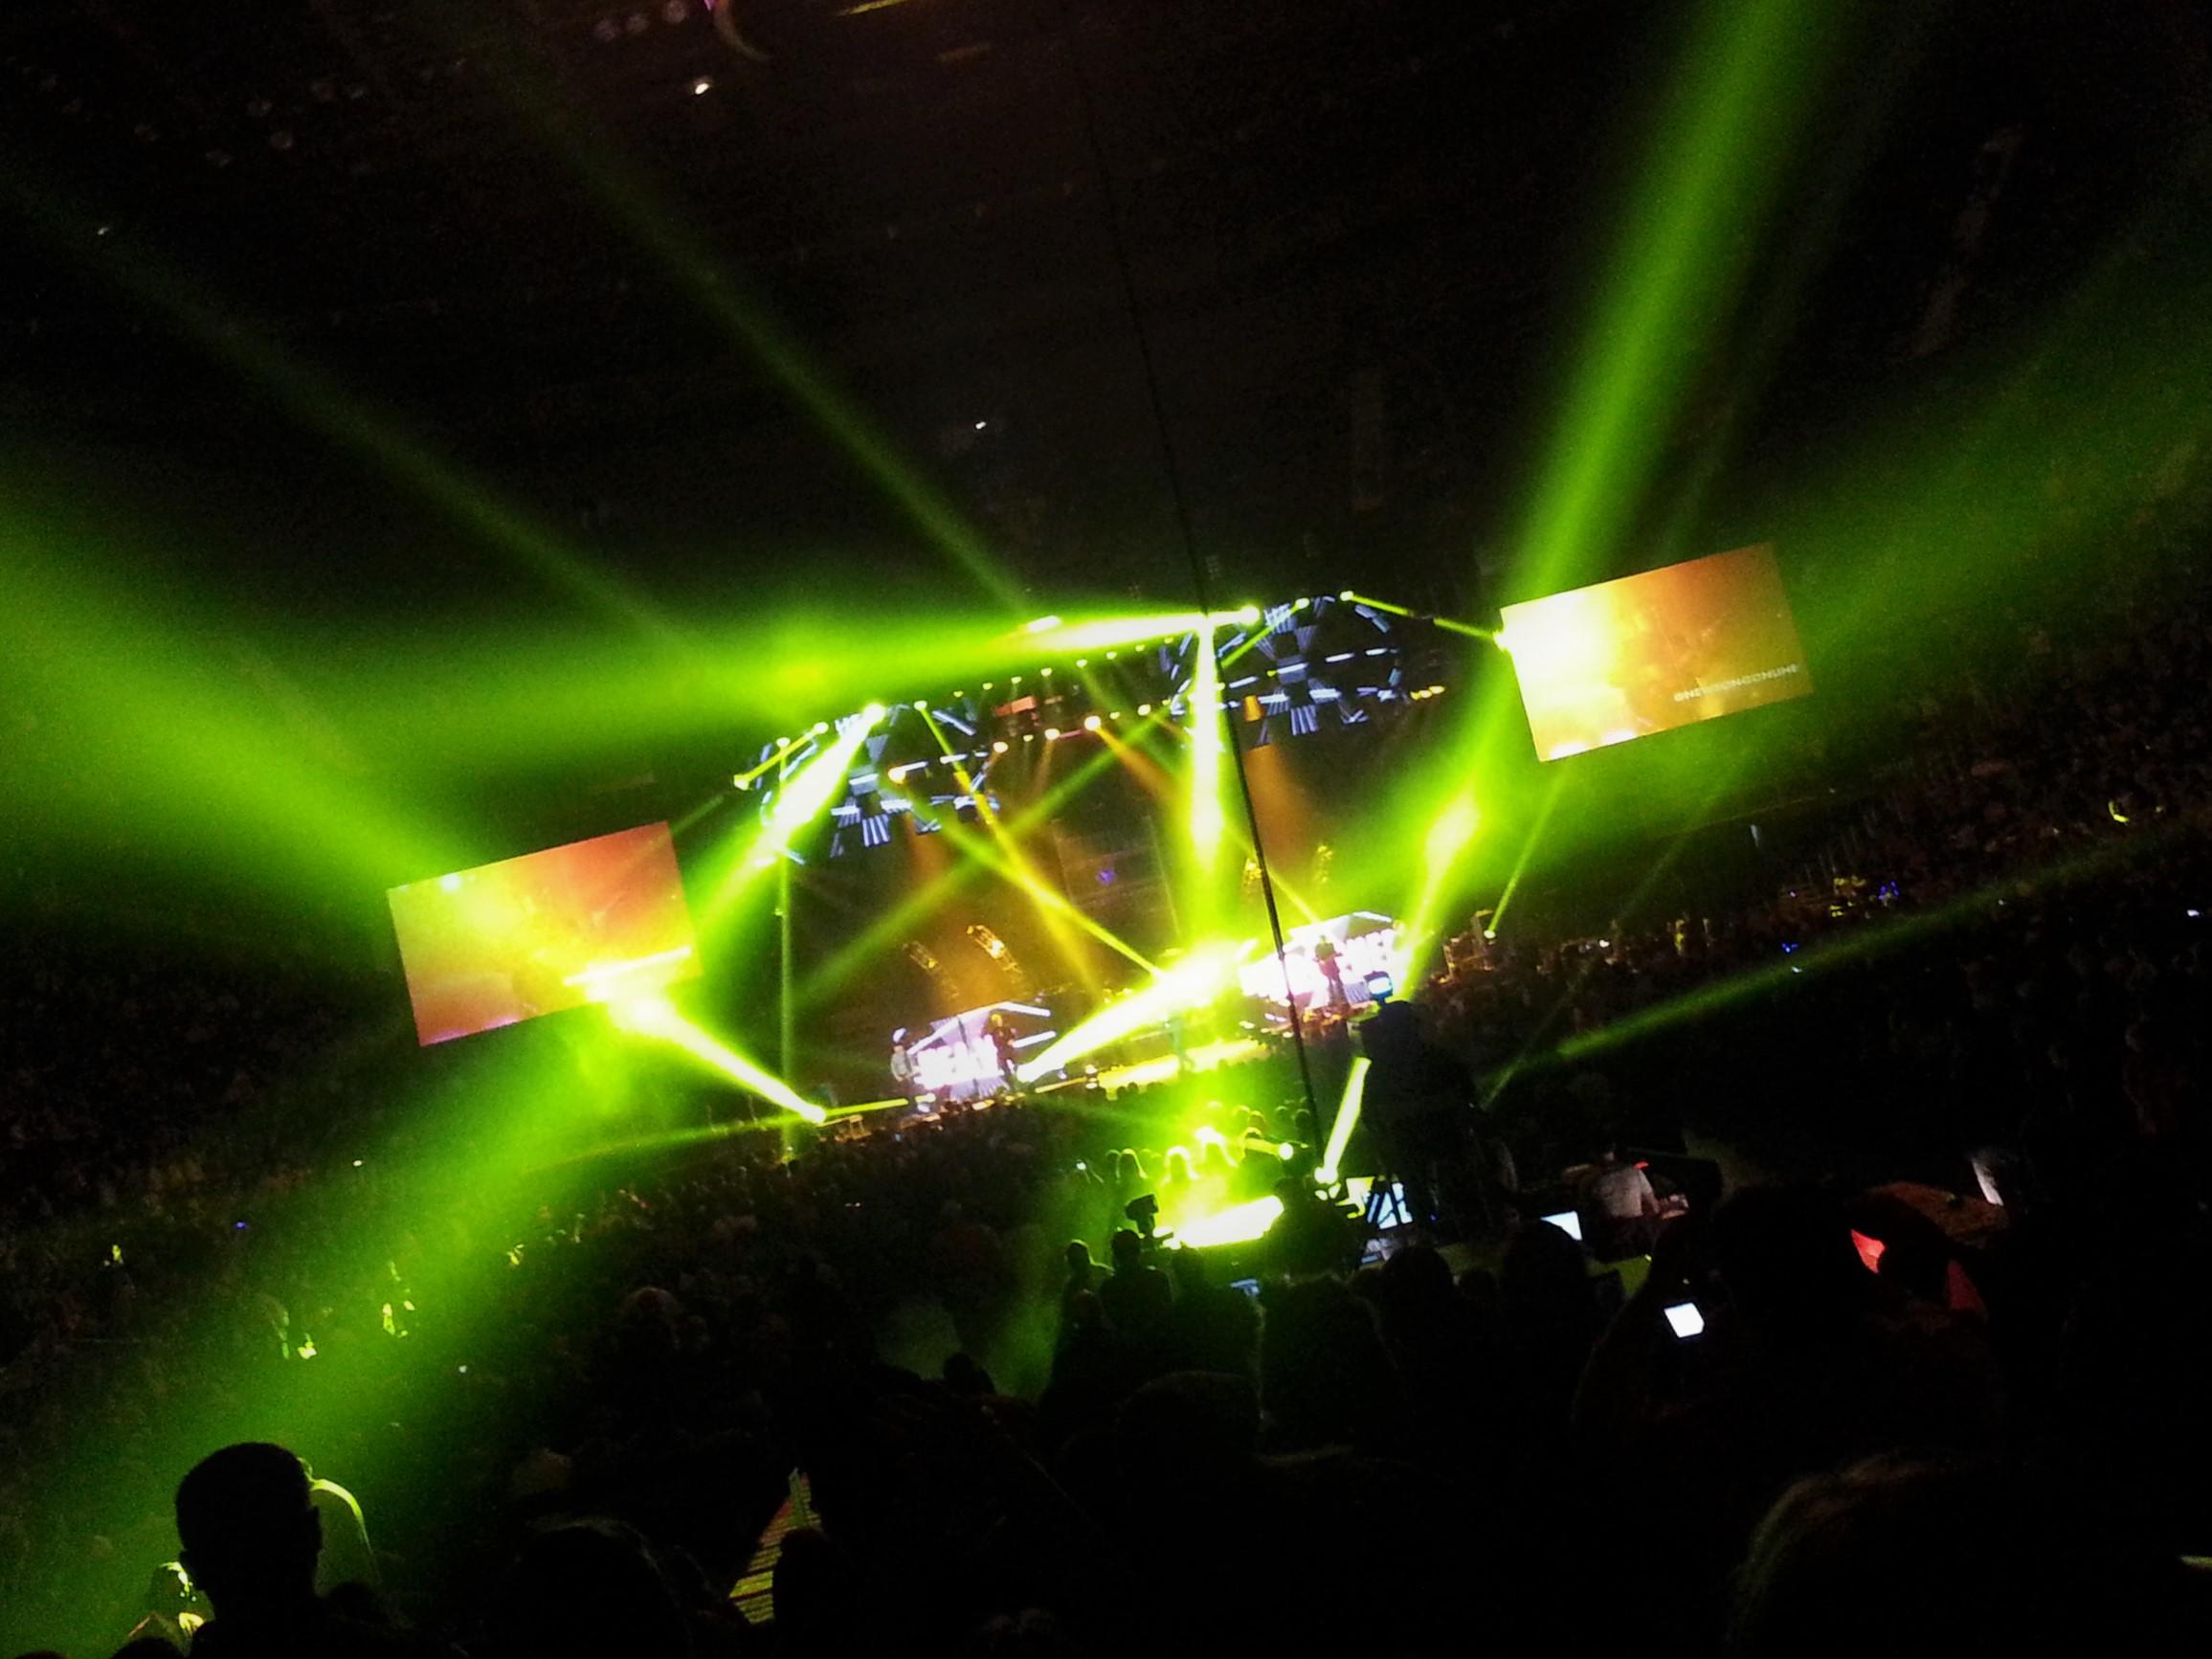 Laser Lights 1-25-13 b